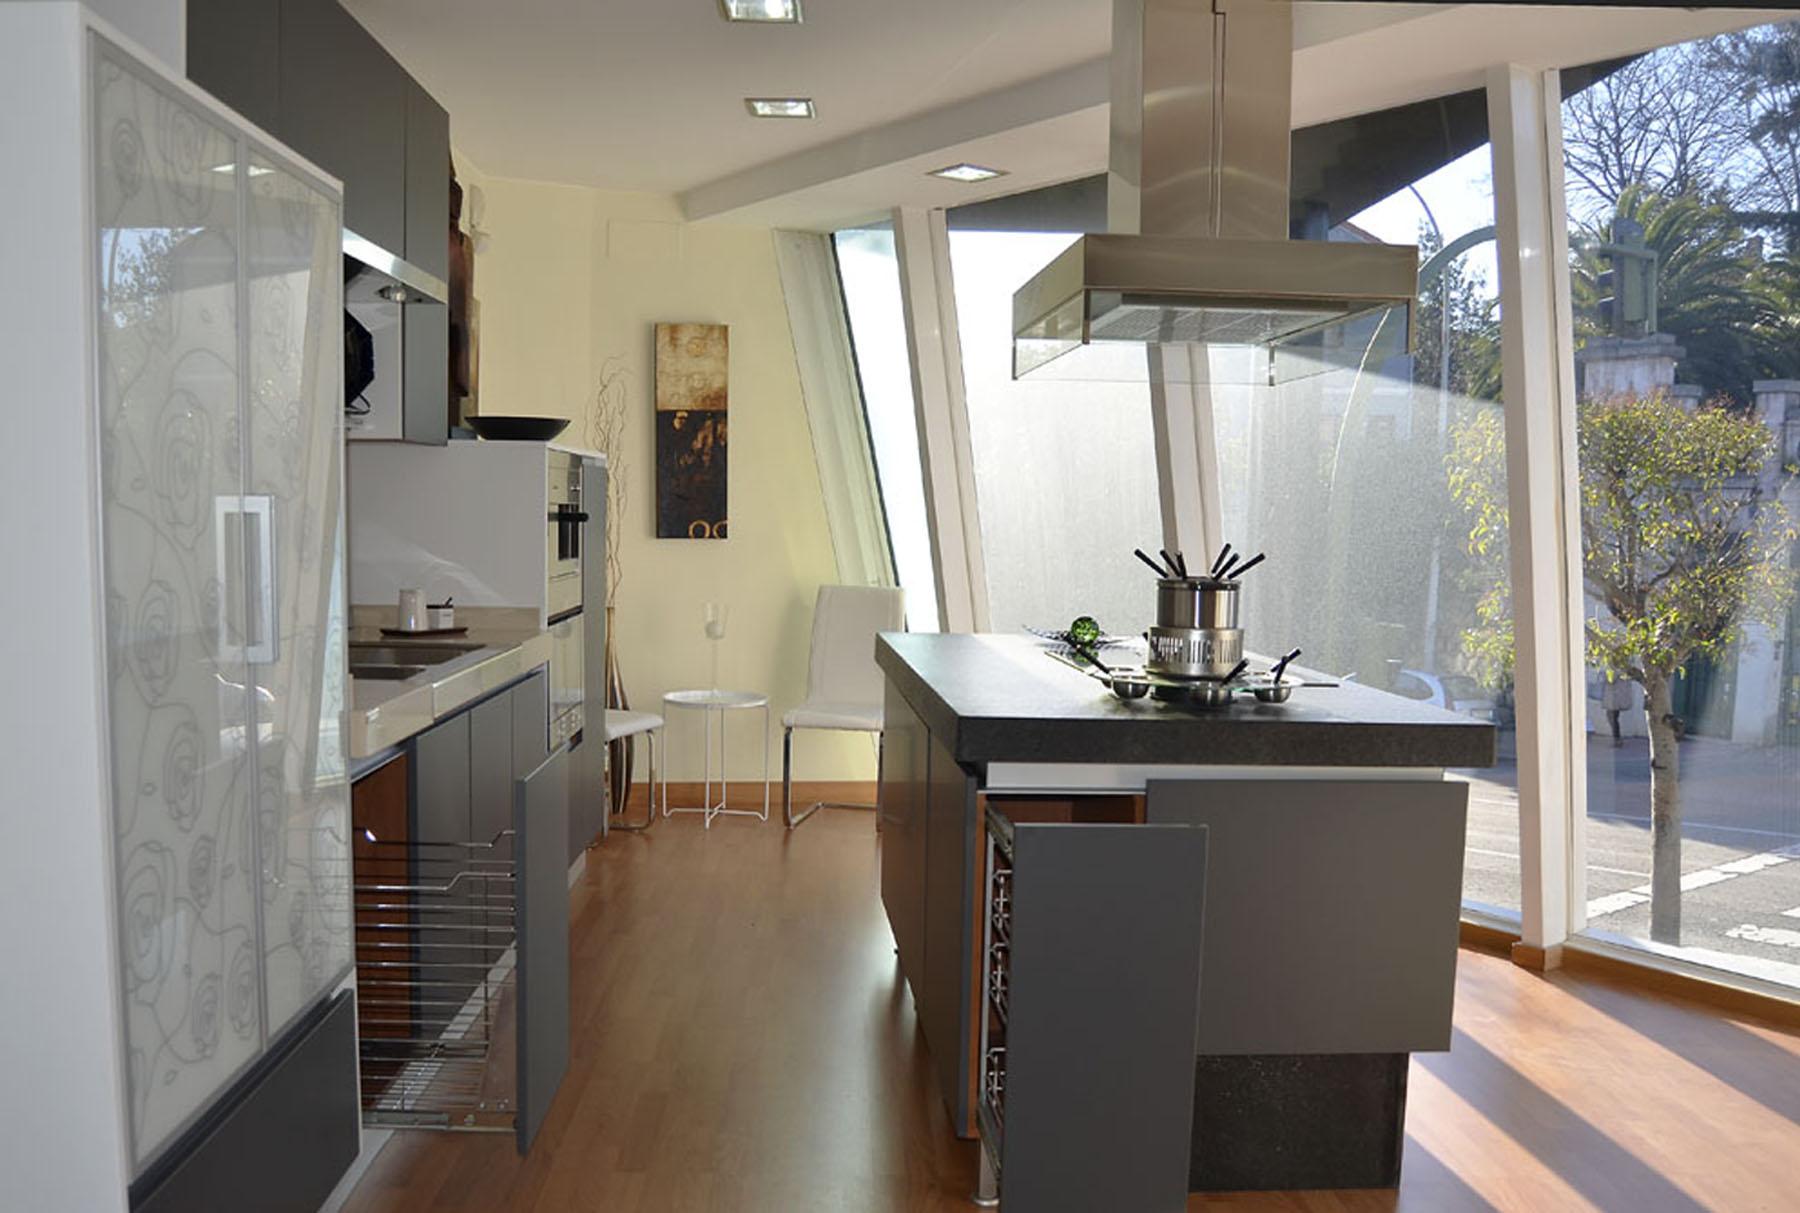 cocinas - Josman Hermanos, Tienda de muebles de cocina y baño en ...